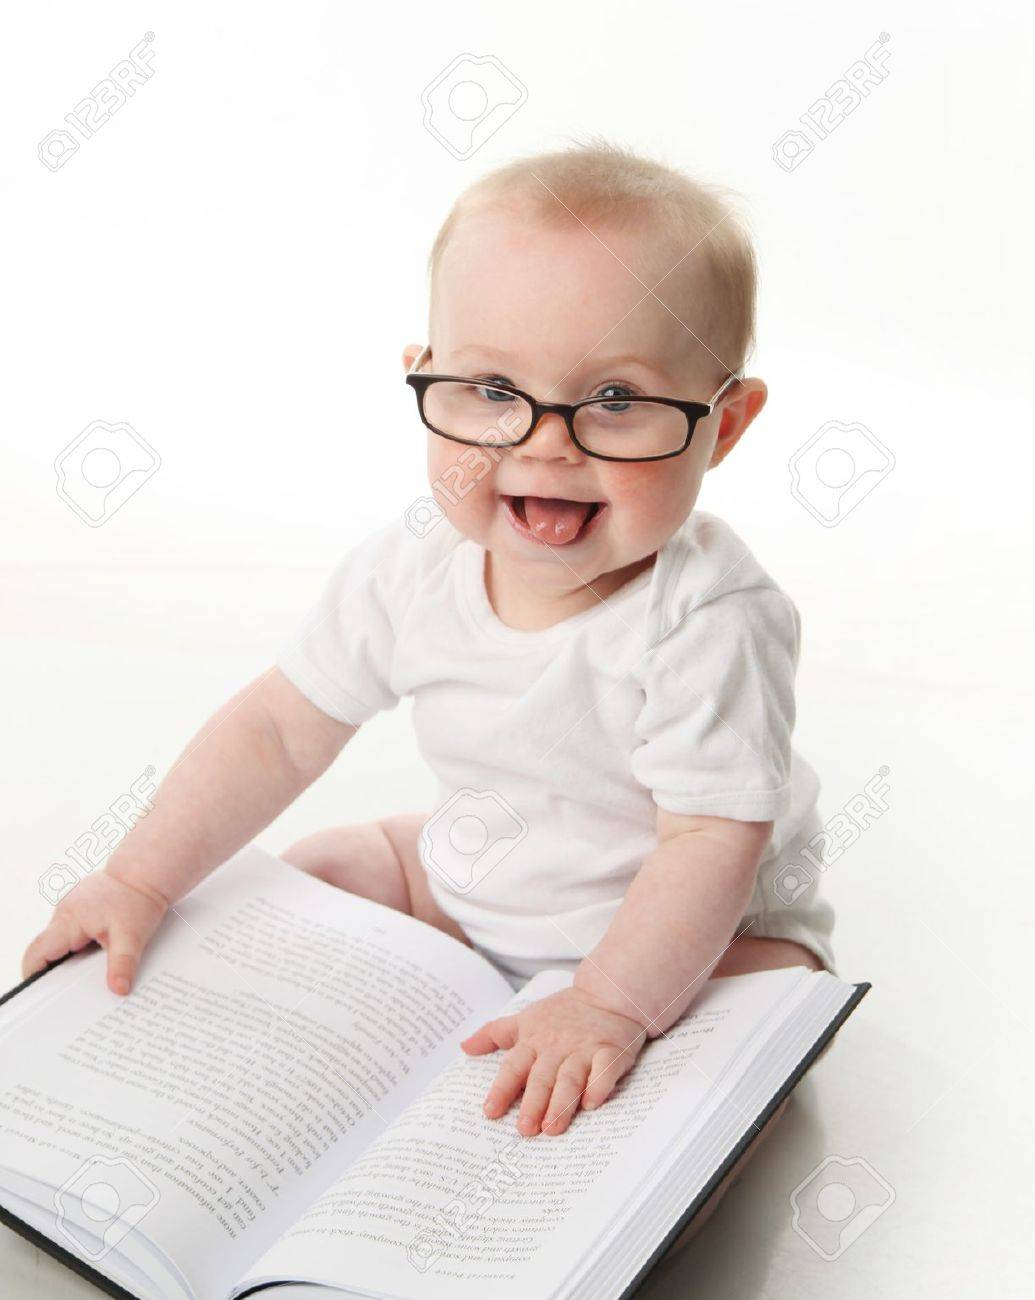 5438e92587 Foto de archivo - Retrato de un adorable bebé sentado uso de anteojos y  mirando a un libro, aislado en blanco